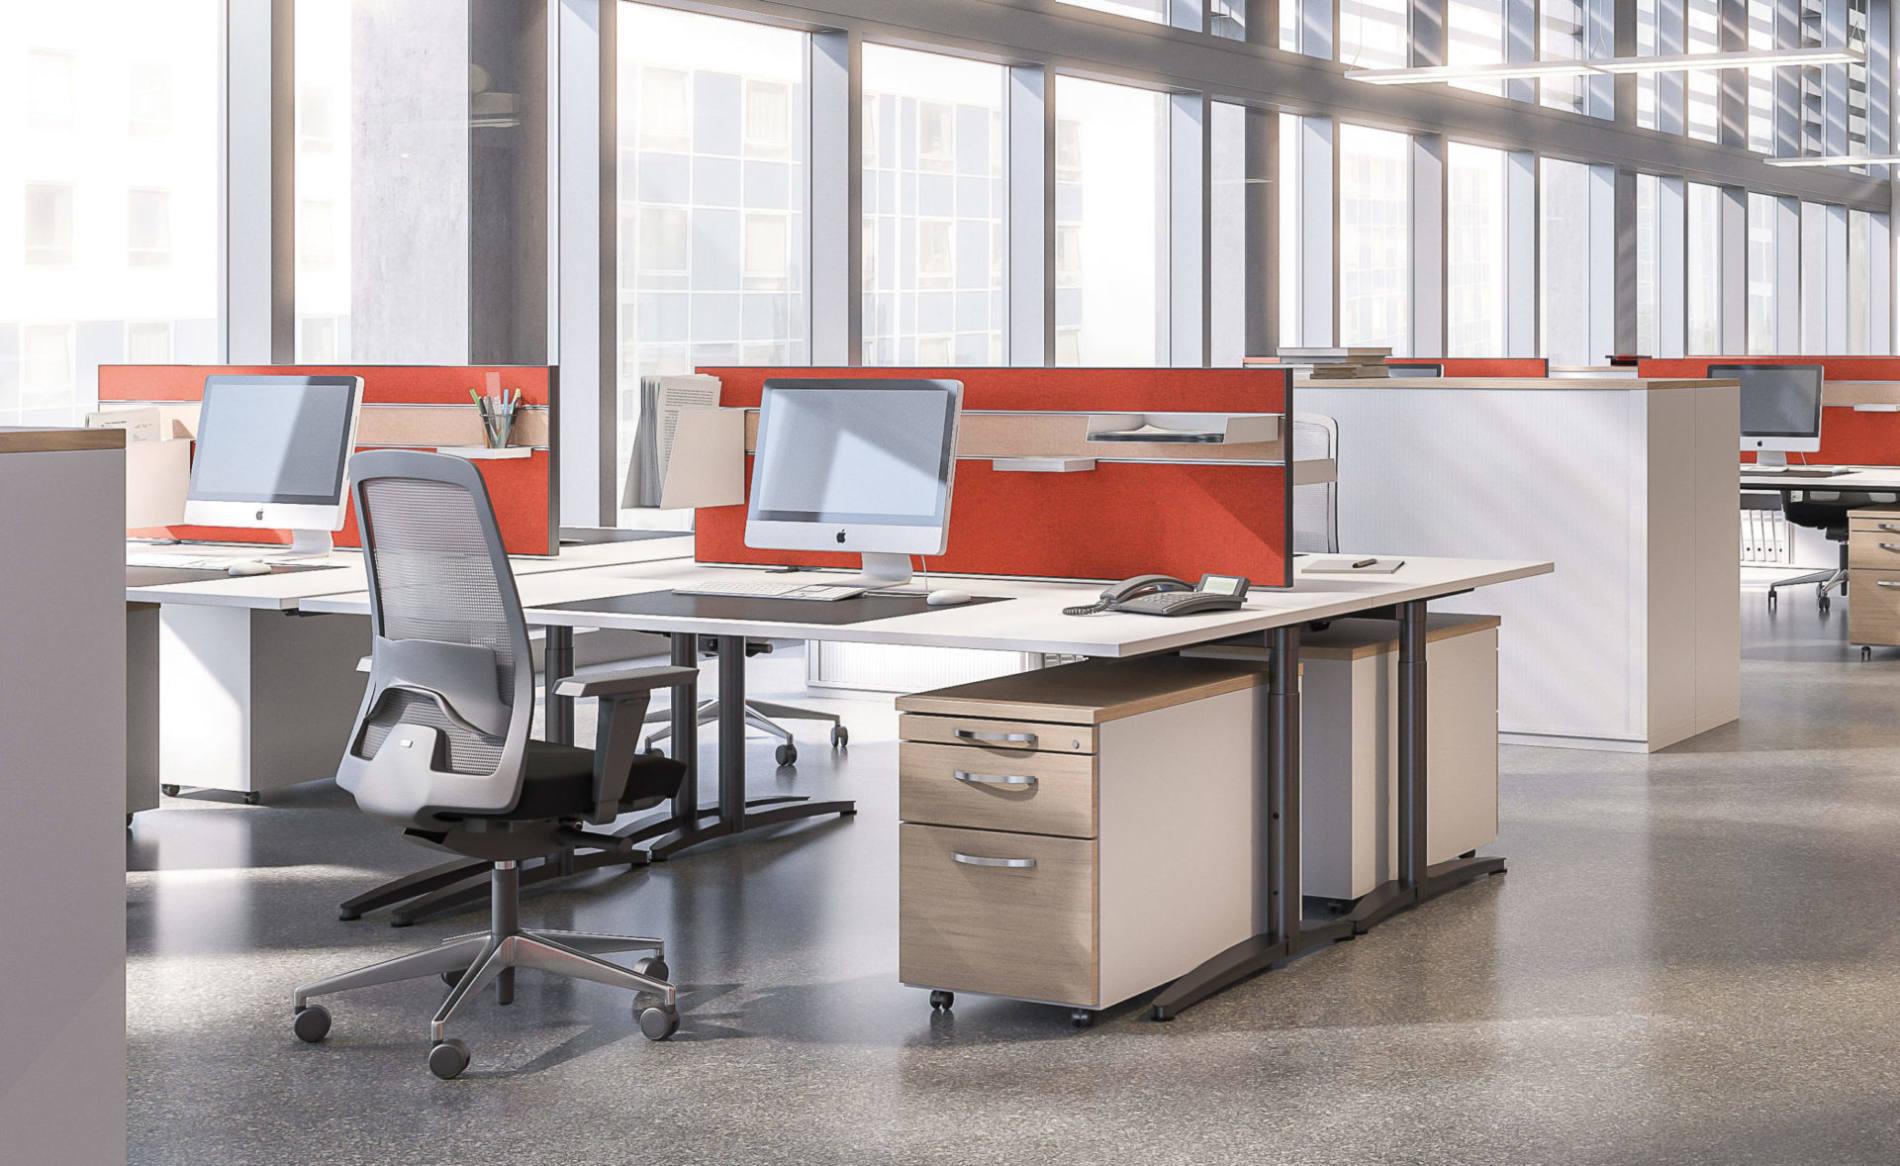 Schreibtisch, Palmberg, Caldo, Akustik, Trennwand, Großraumbüro, Open Space